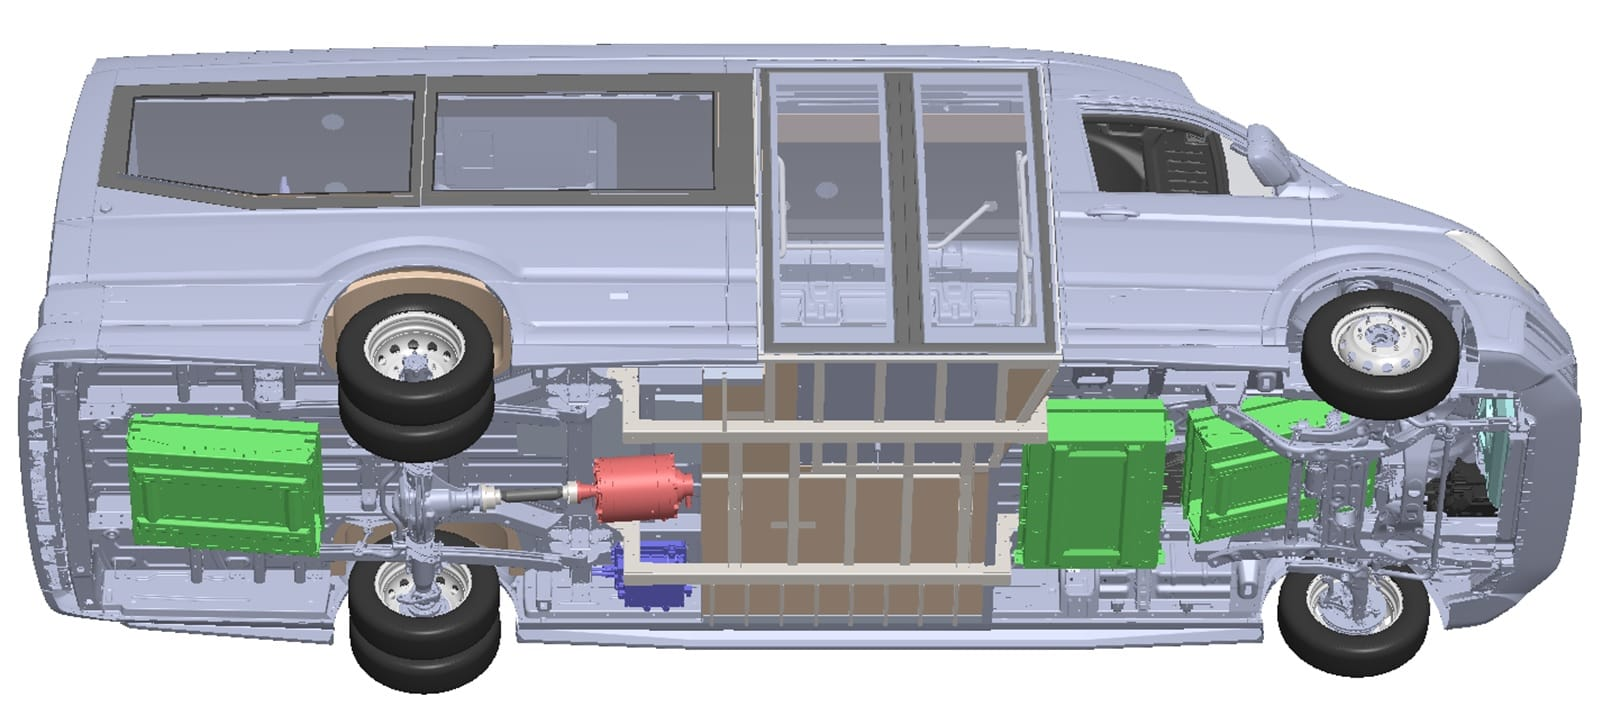 d'auria minibus elettrico